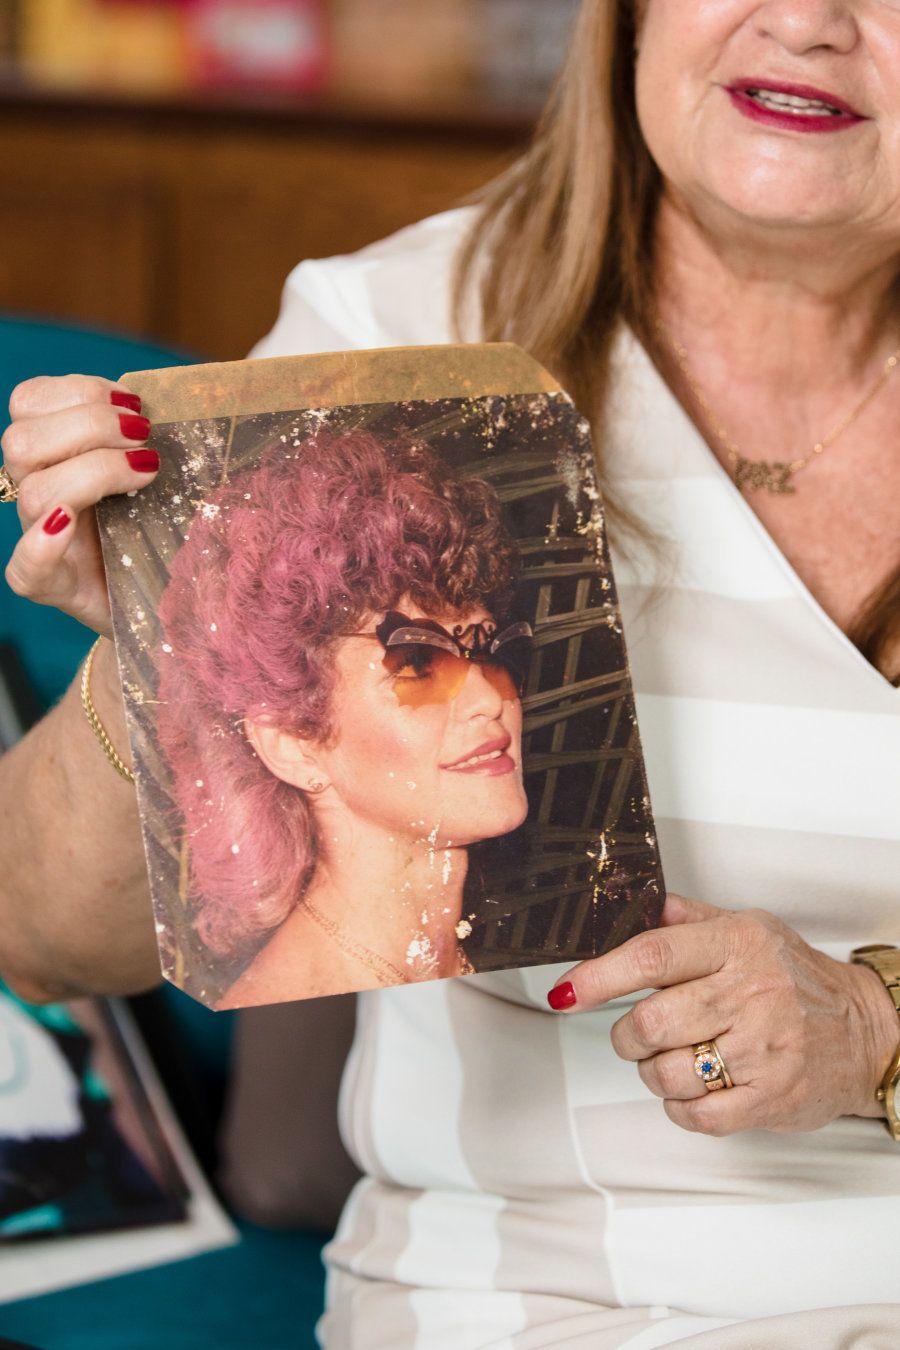 O cabelo rosa e os óculos em formato de borboleta: As tendências que Maria lançava em